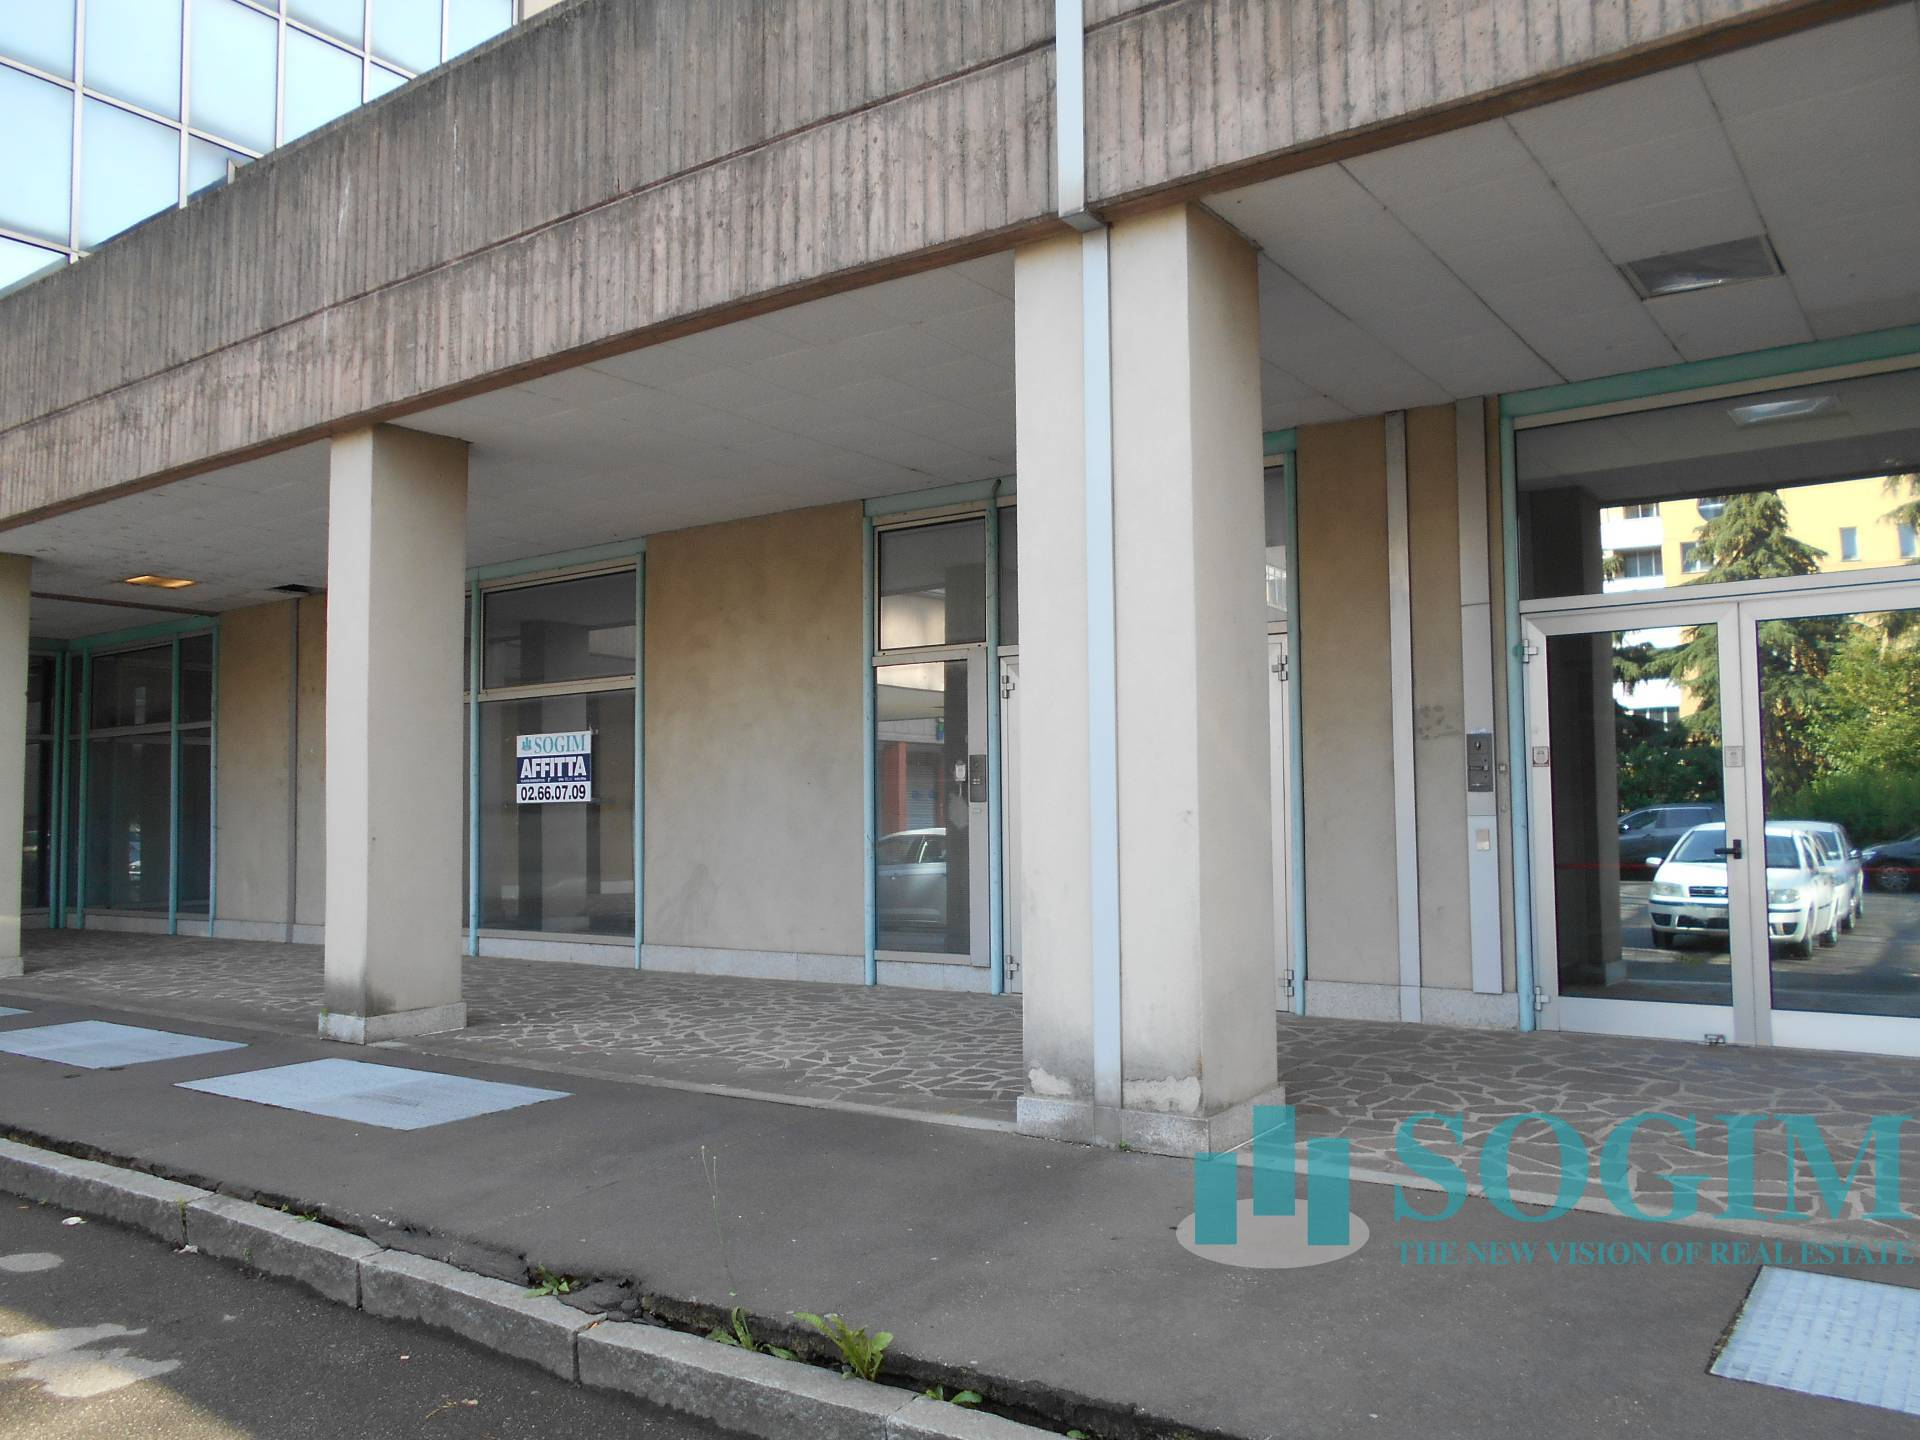 Ufficio in Affitto a Milano  rif. 9342